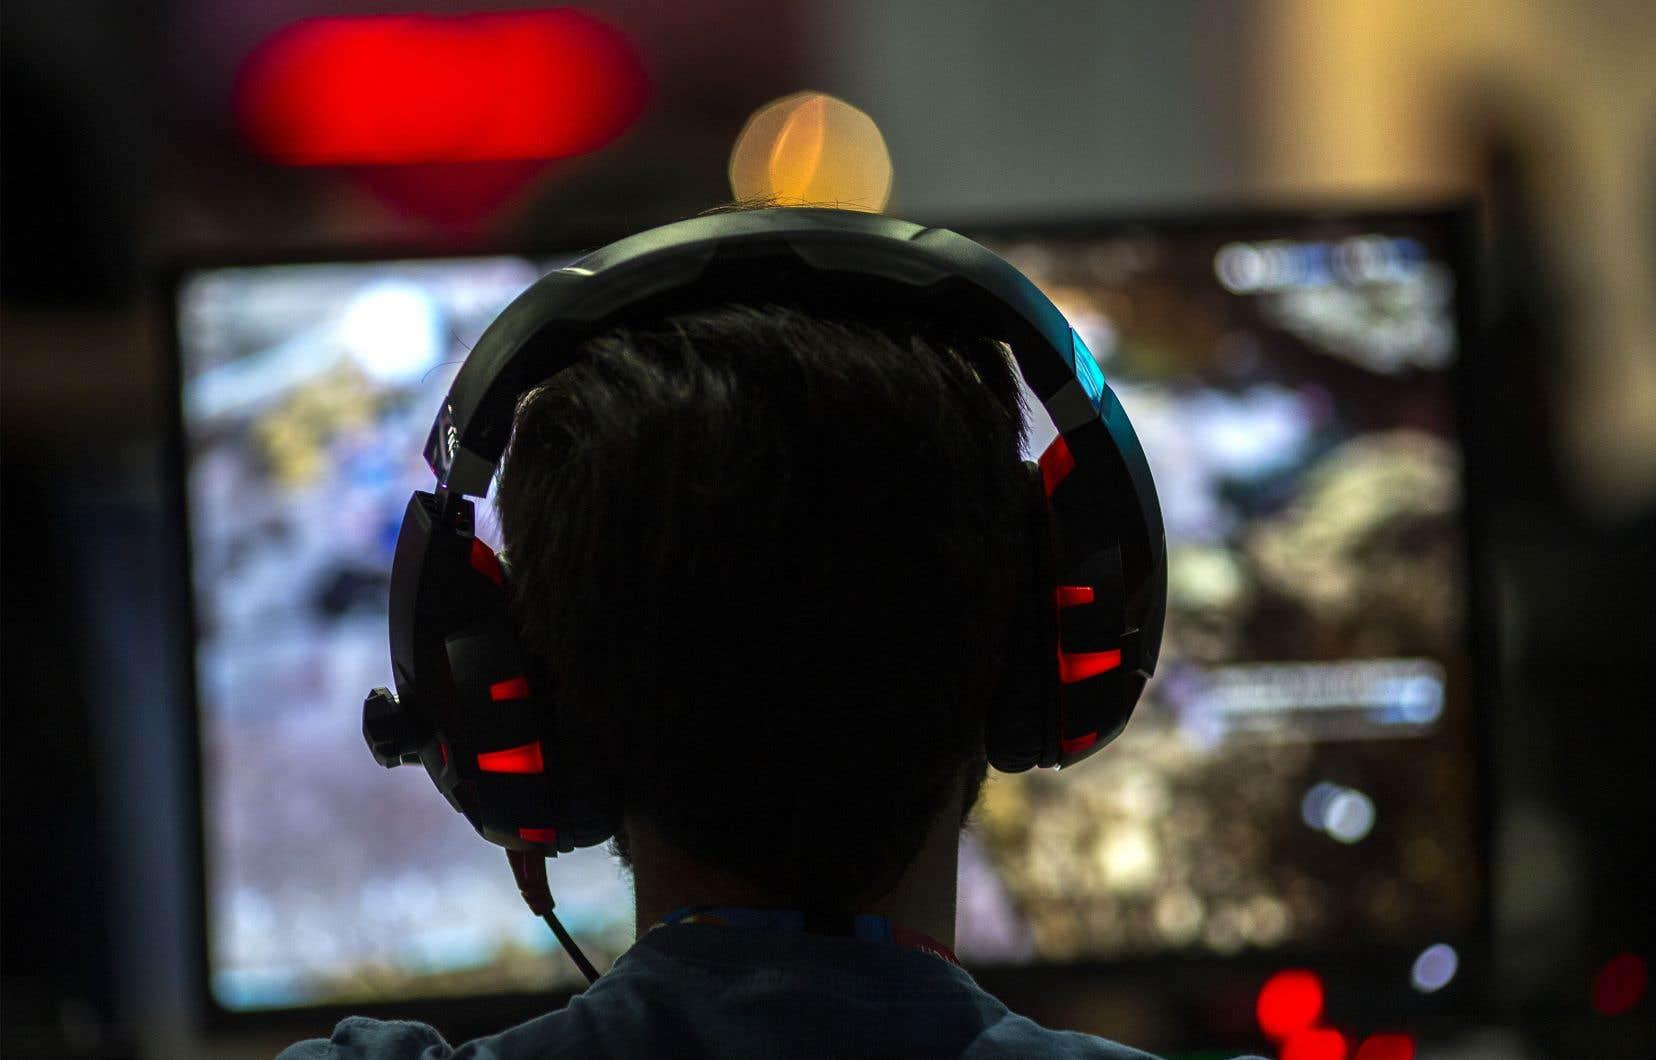 En 2015, 58% des travailleurs du jeu vidéo avaient entre 25 et 34 ans, selon l'International Game Developers Association.